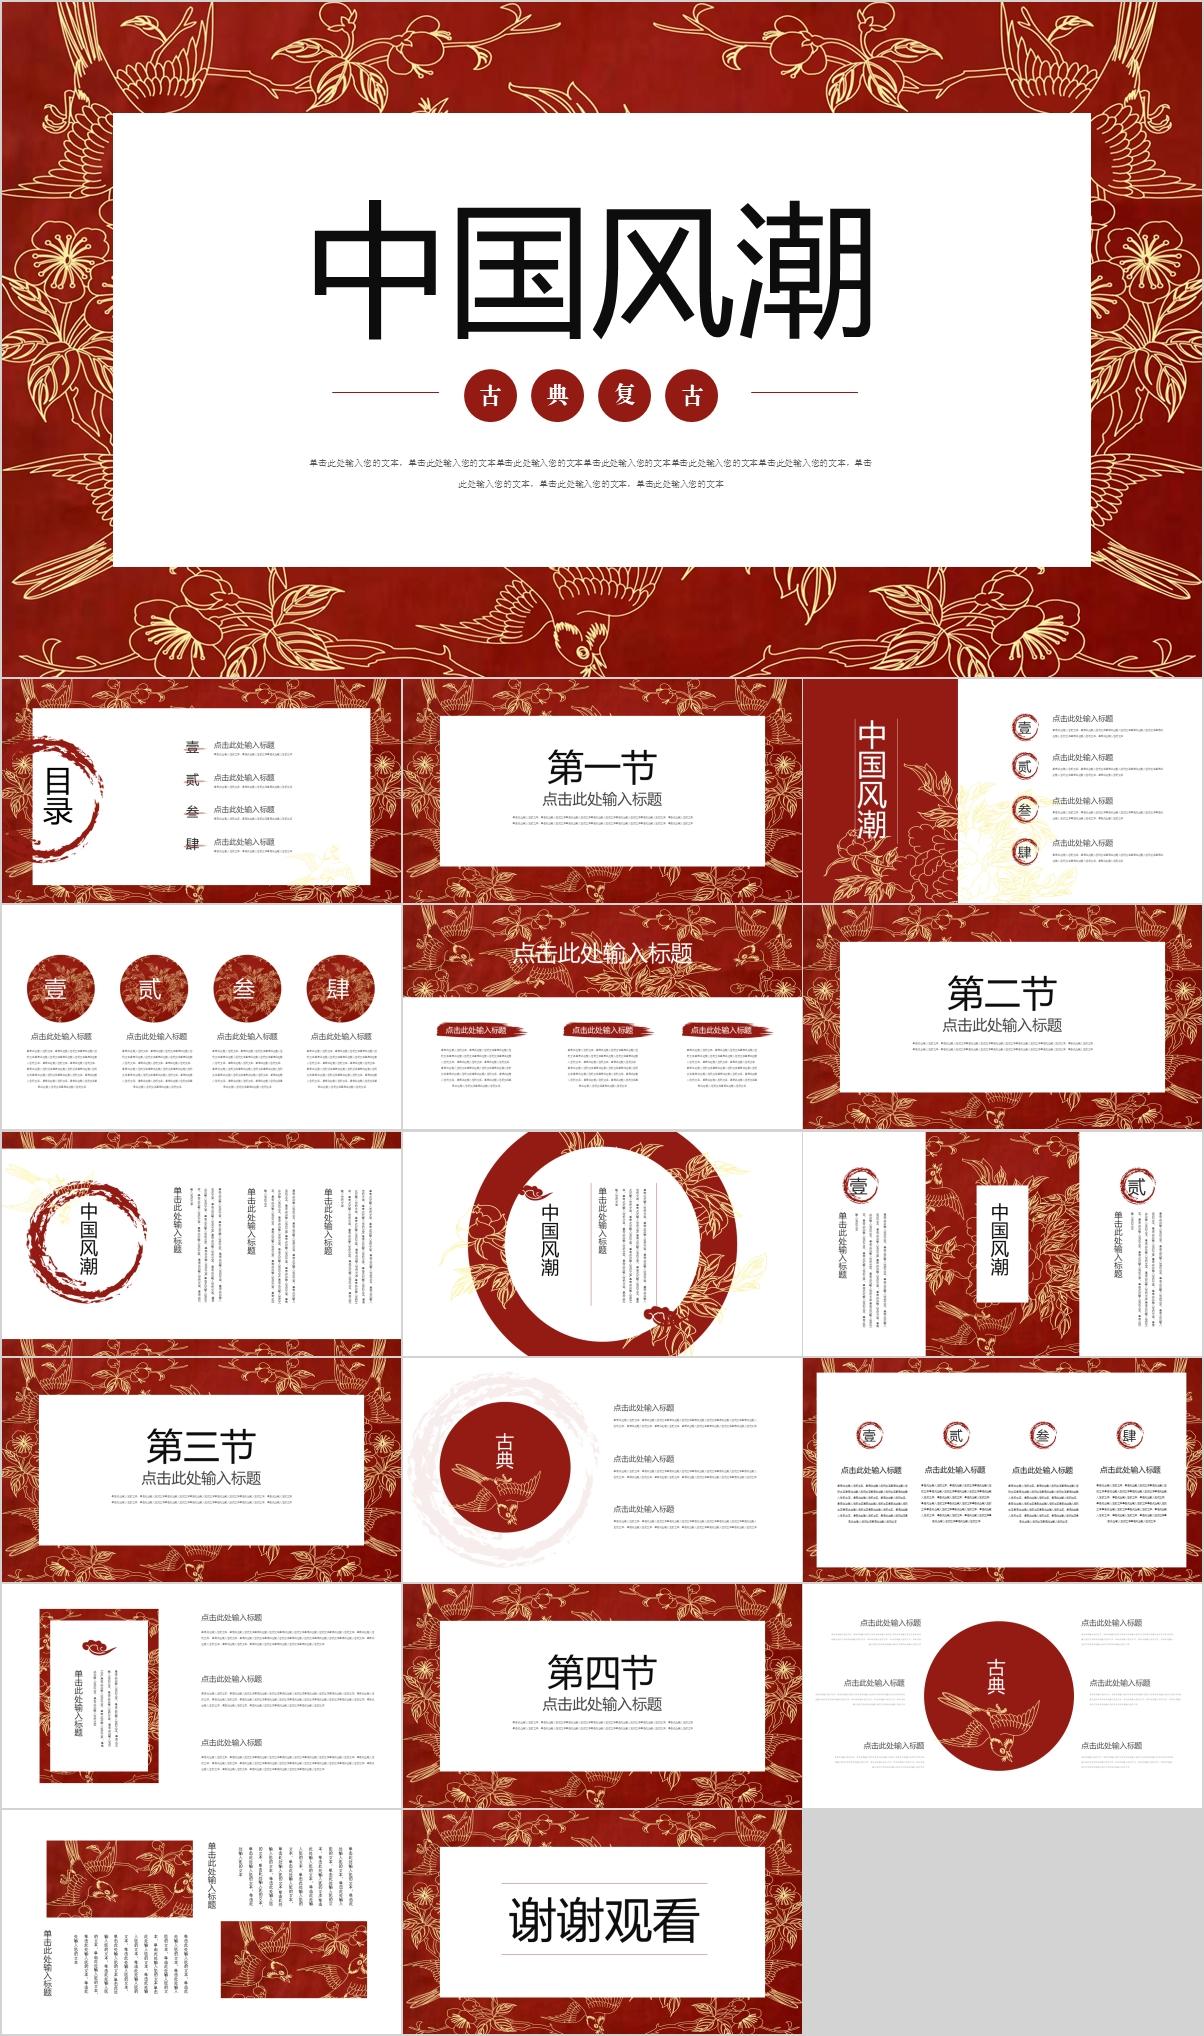 【PPT】国潮复古中国风金丝鸟PPT模板-爱资源分享